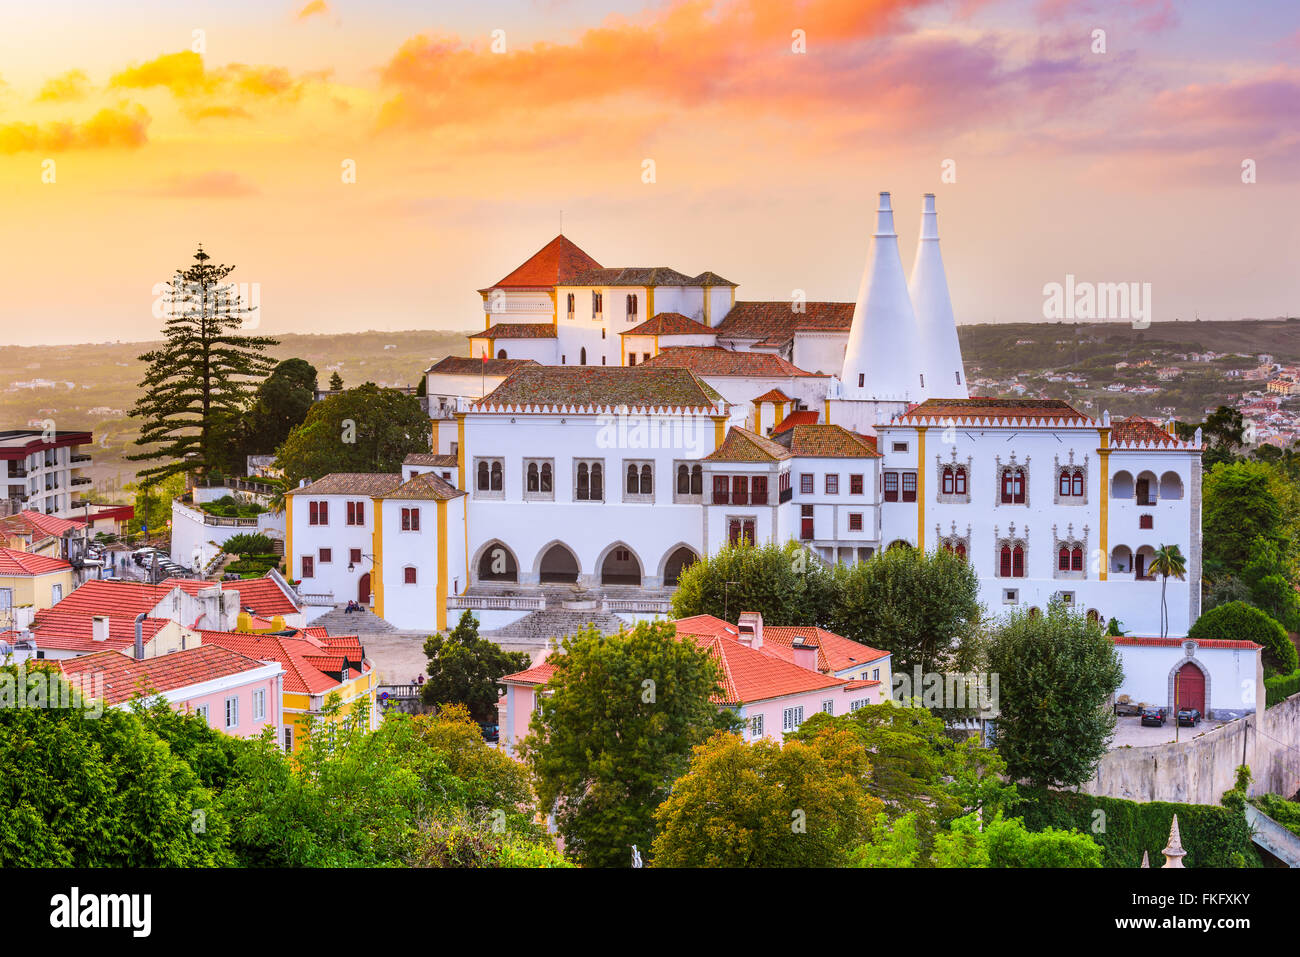 Vieille ville de Sintra, au Portugal, au Palais National de Sintra. Photo Stock